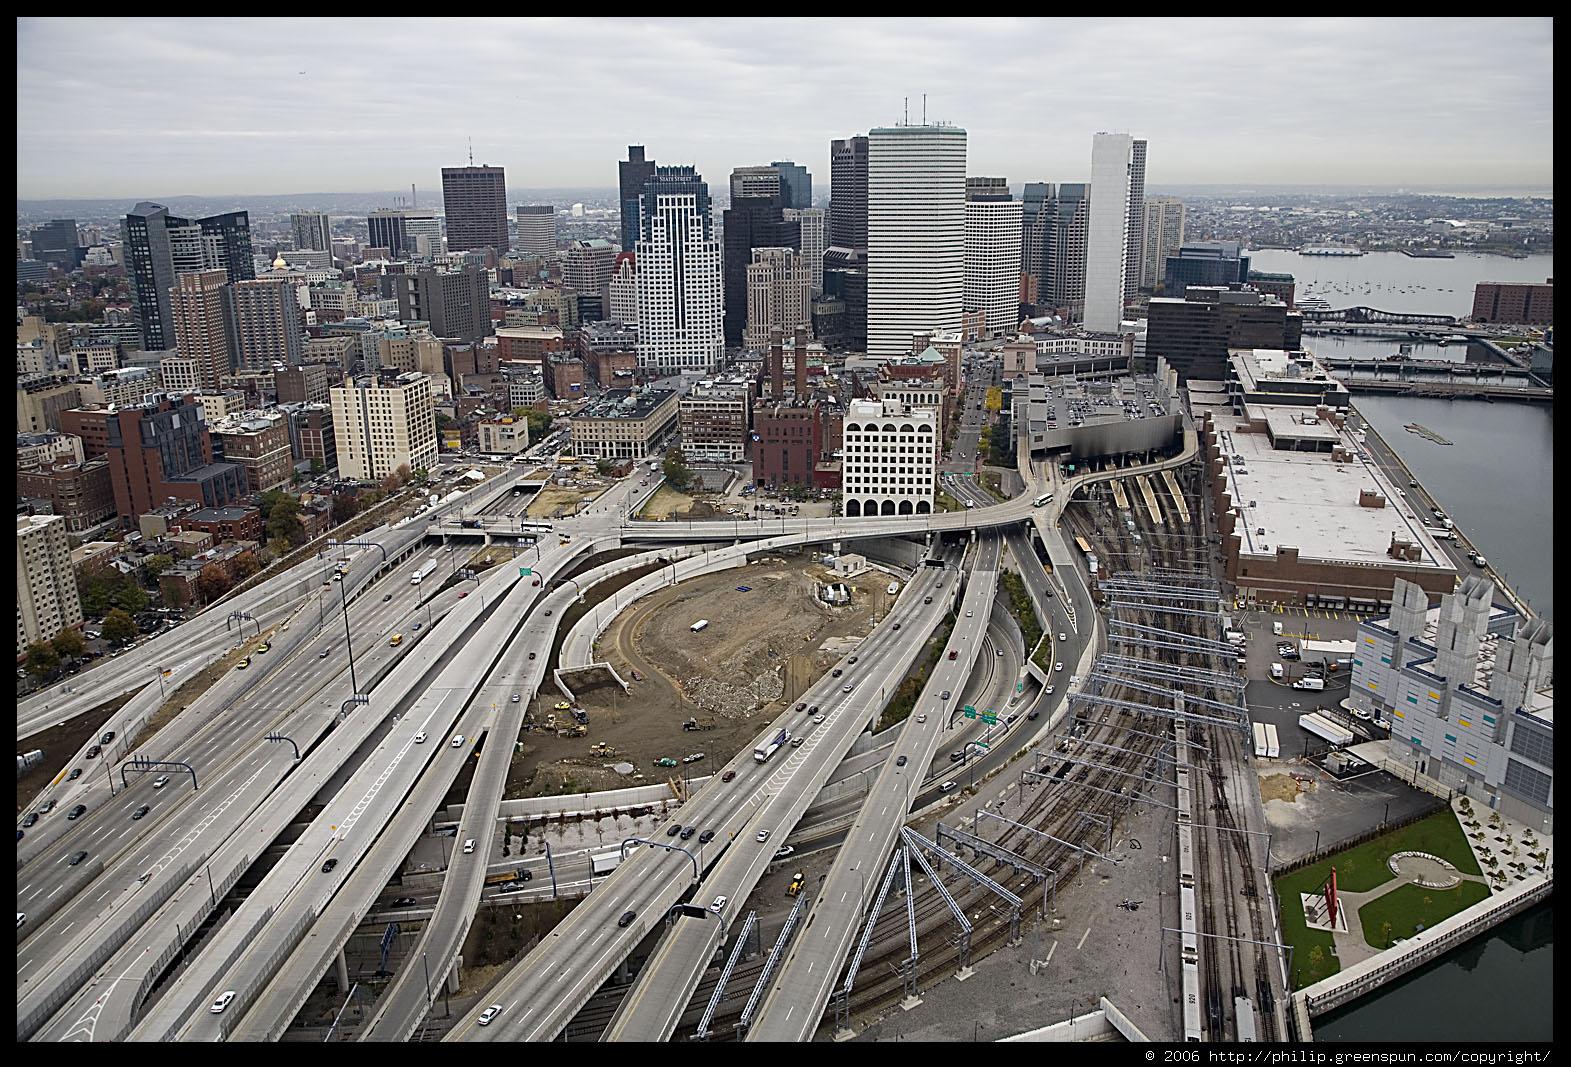 Самый масштабный, дорогой и сложный проект строительства автомагистралей в истории США.